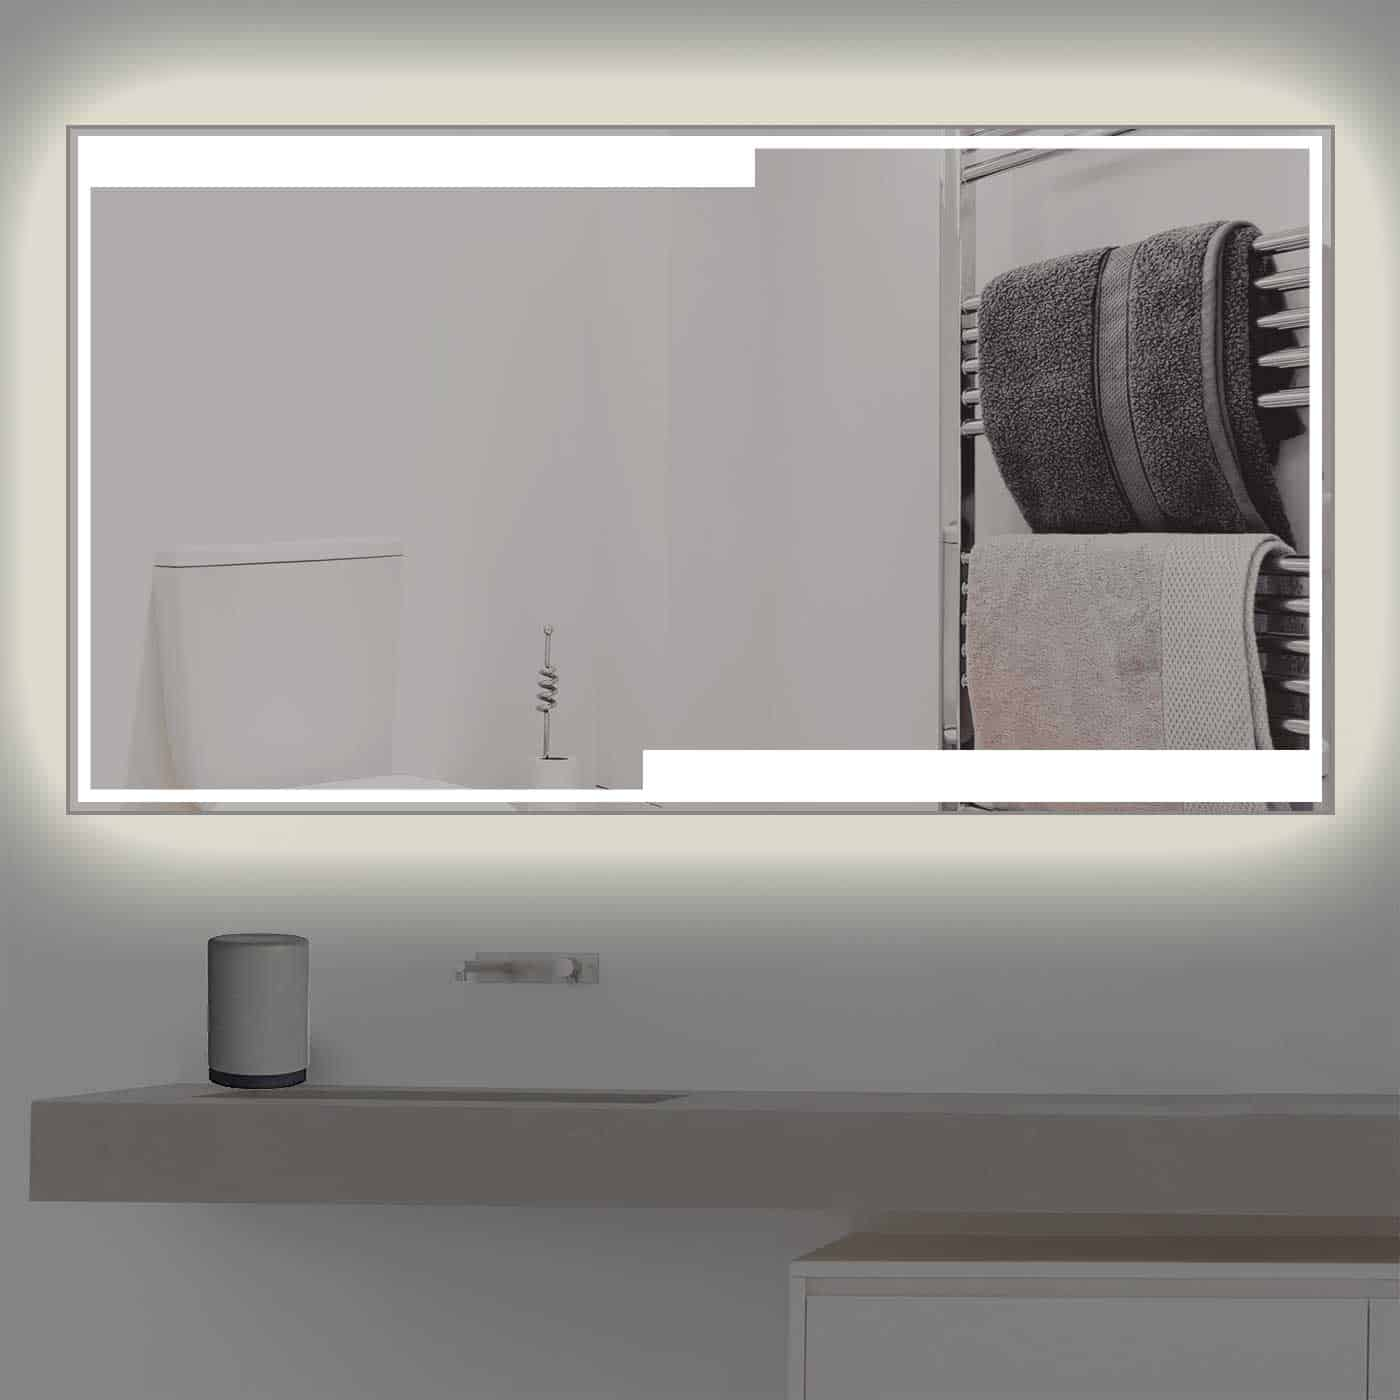 Wandspiegel led beleuchtet bestellen k1481 spiegel for Wandspiegel bestellen